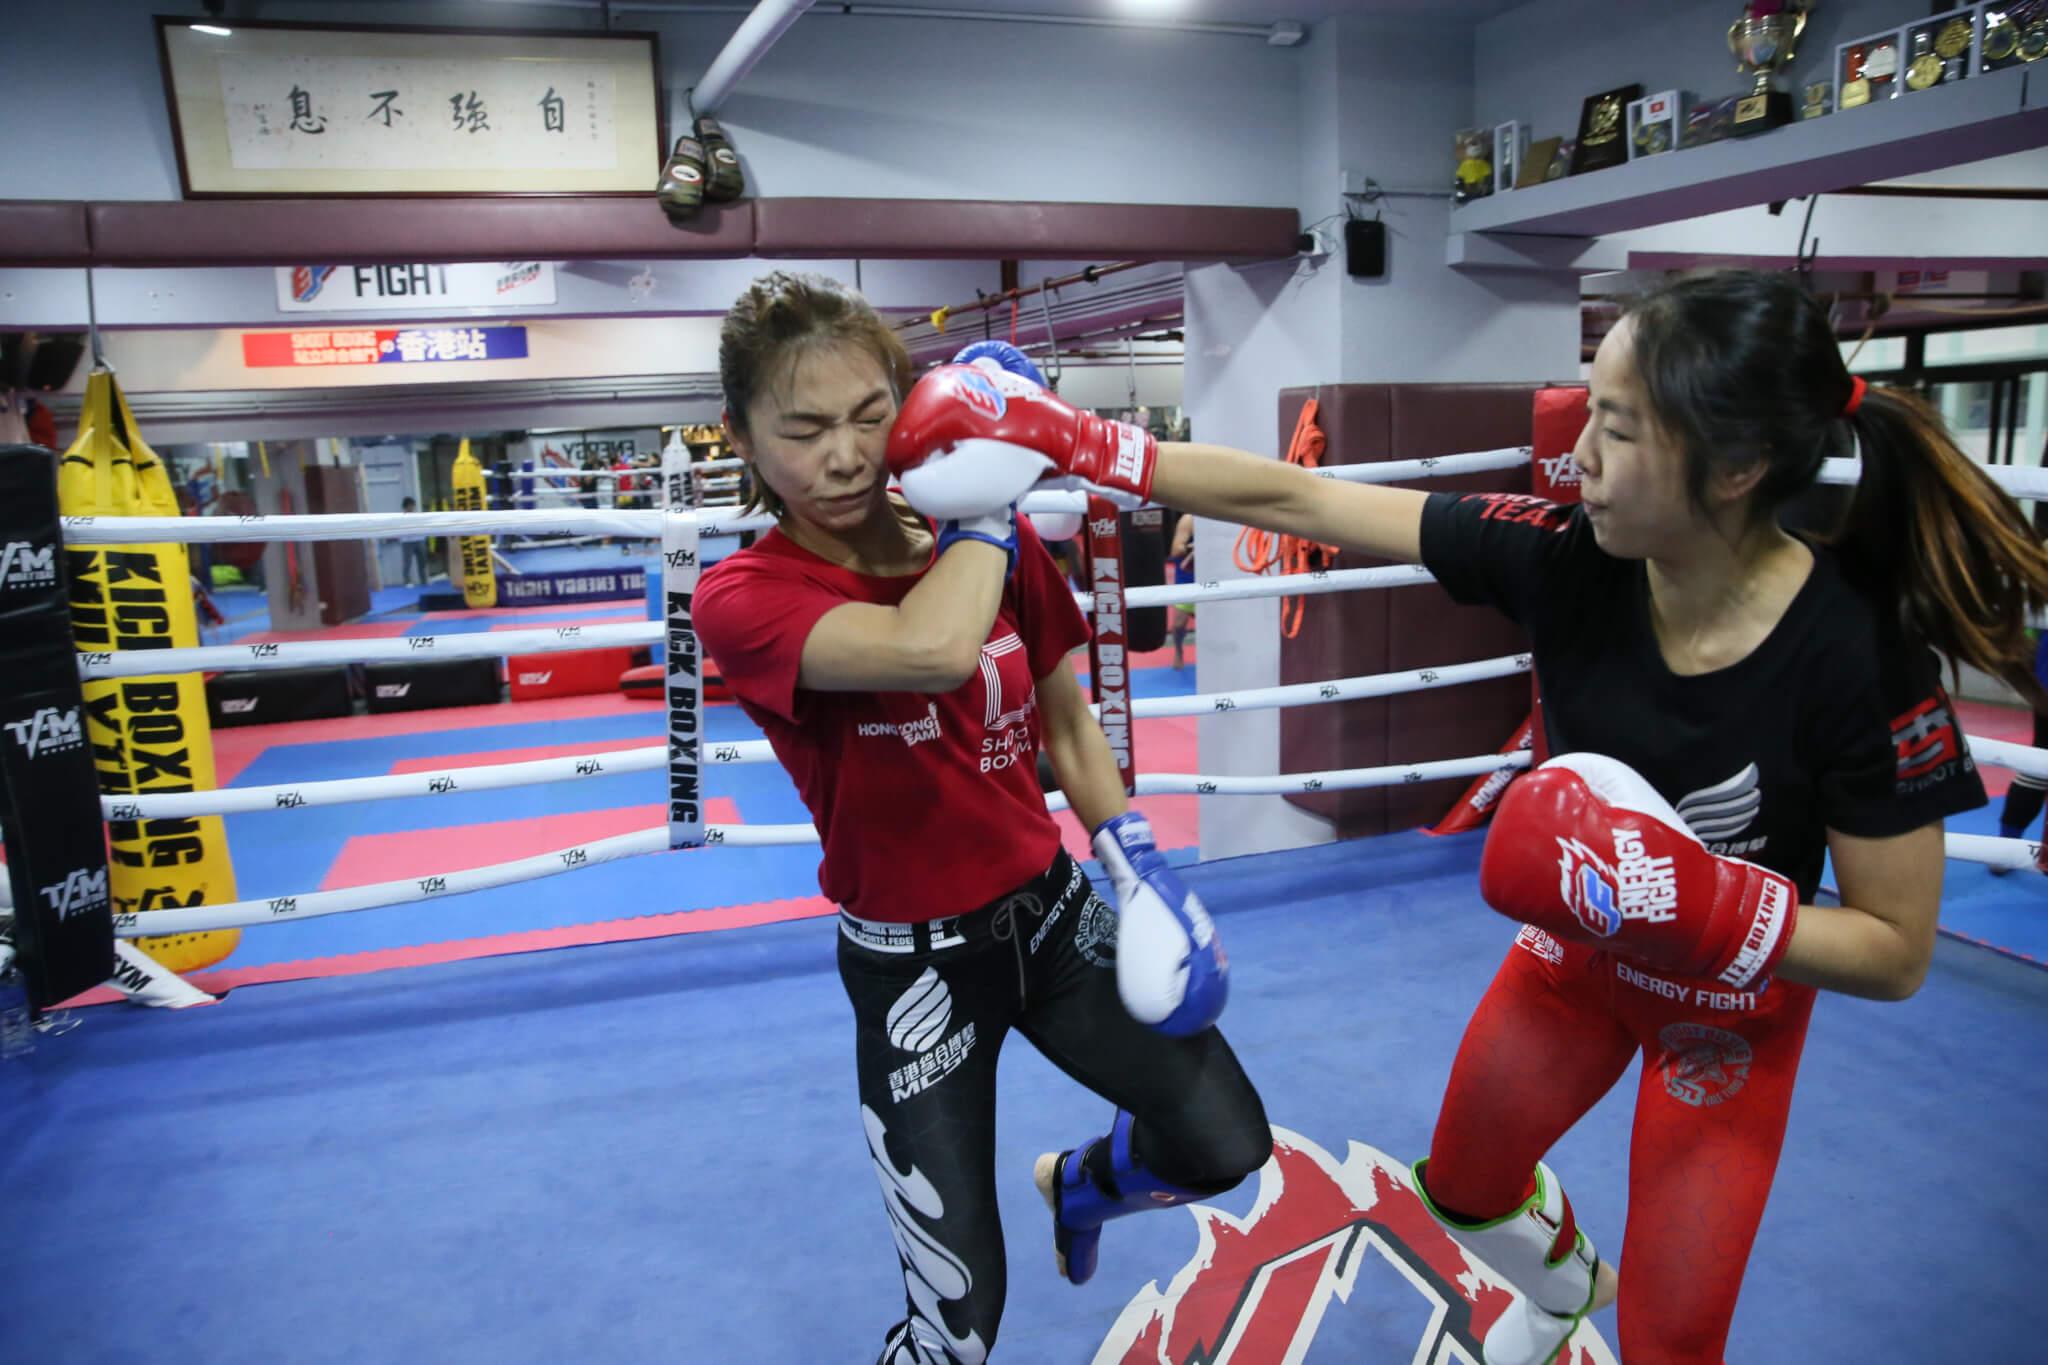 曾海蘭與師妹晶晶練招時,拳來腳往絕不手軟,因為練習被同門捱打,上台才有能力對打。_